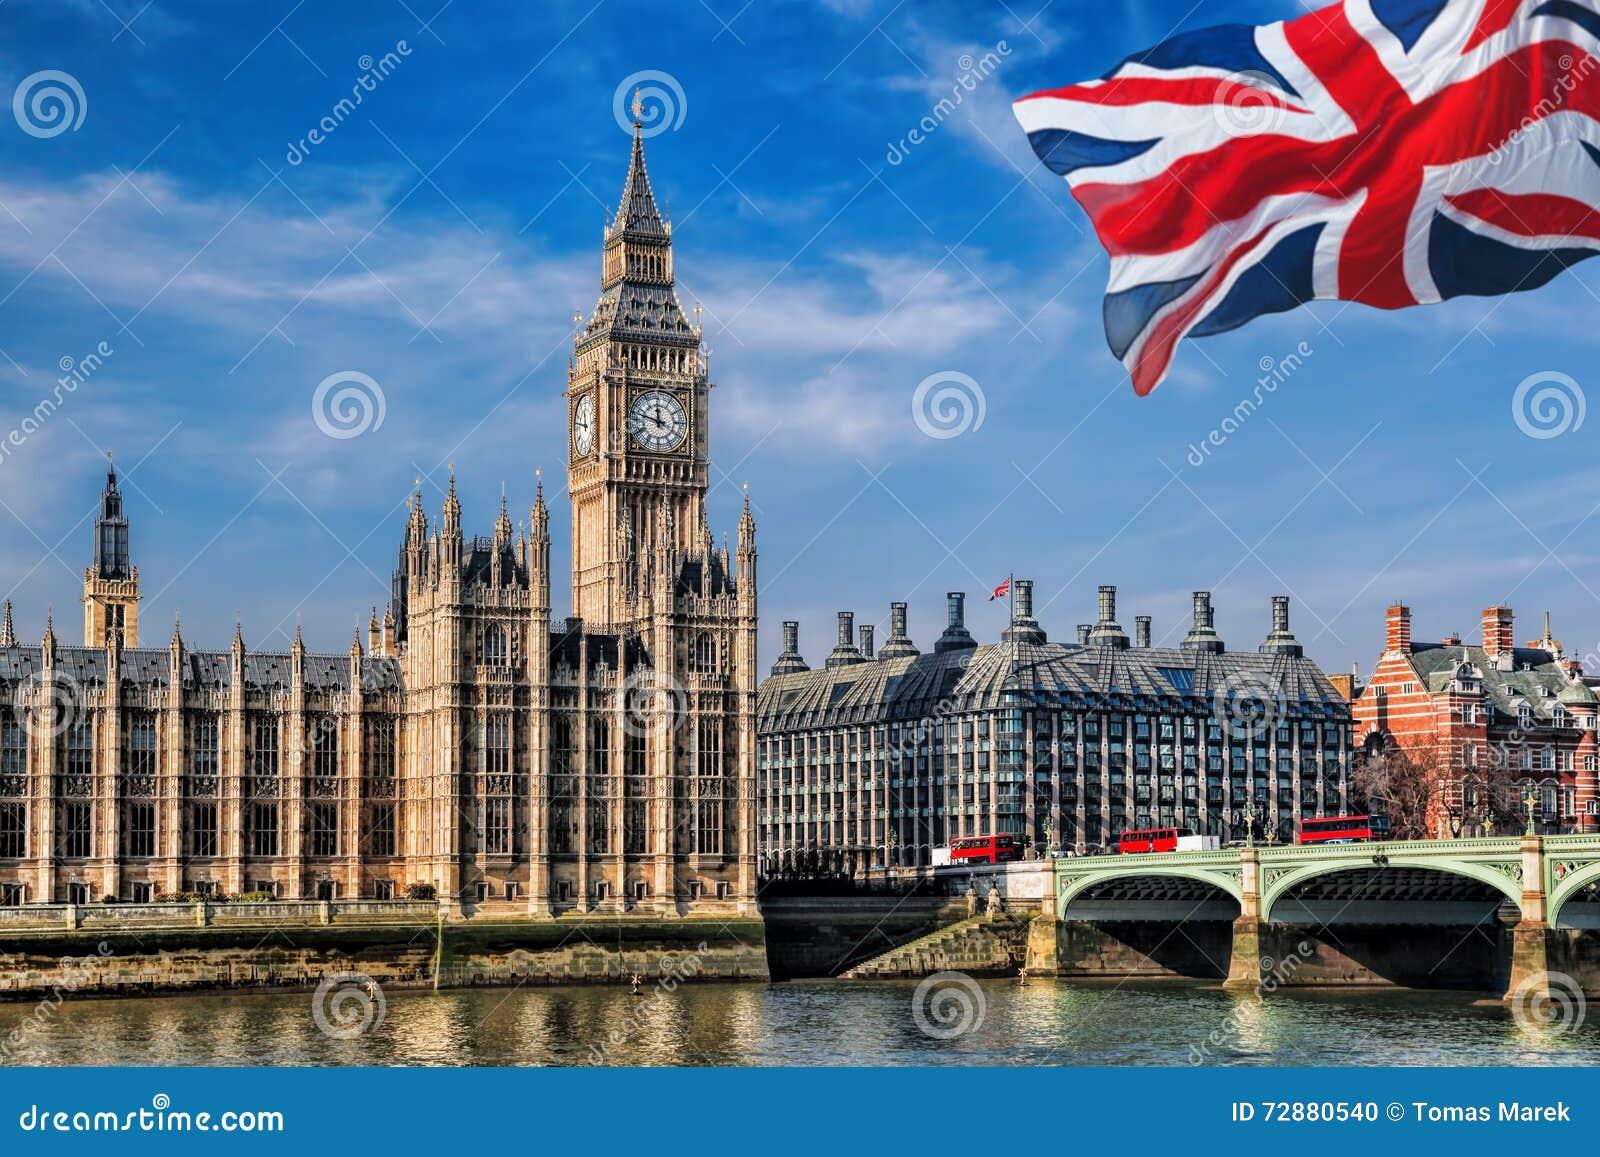 Big Ben Com A Bandeira De Reino Unido Em Londres af0a818c8b093